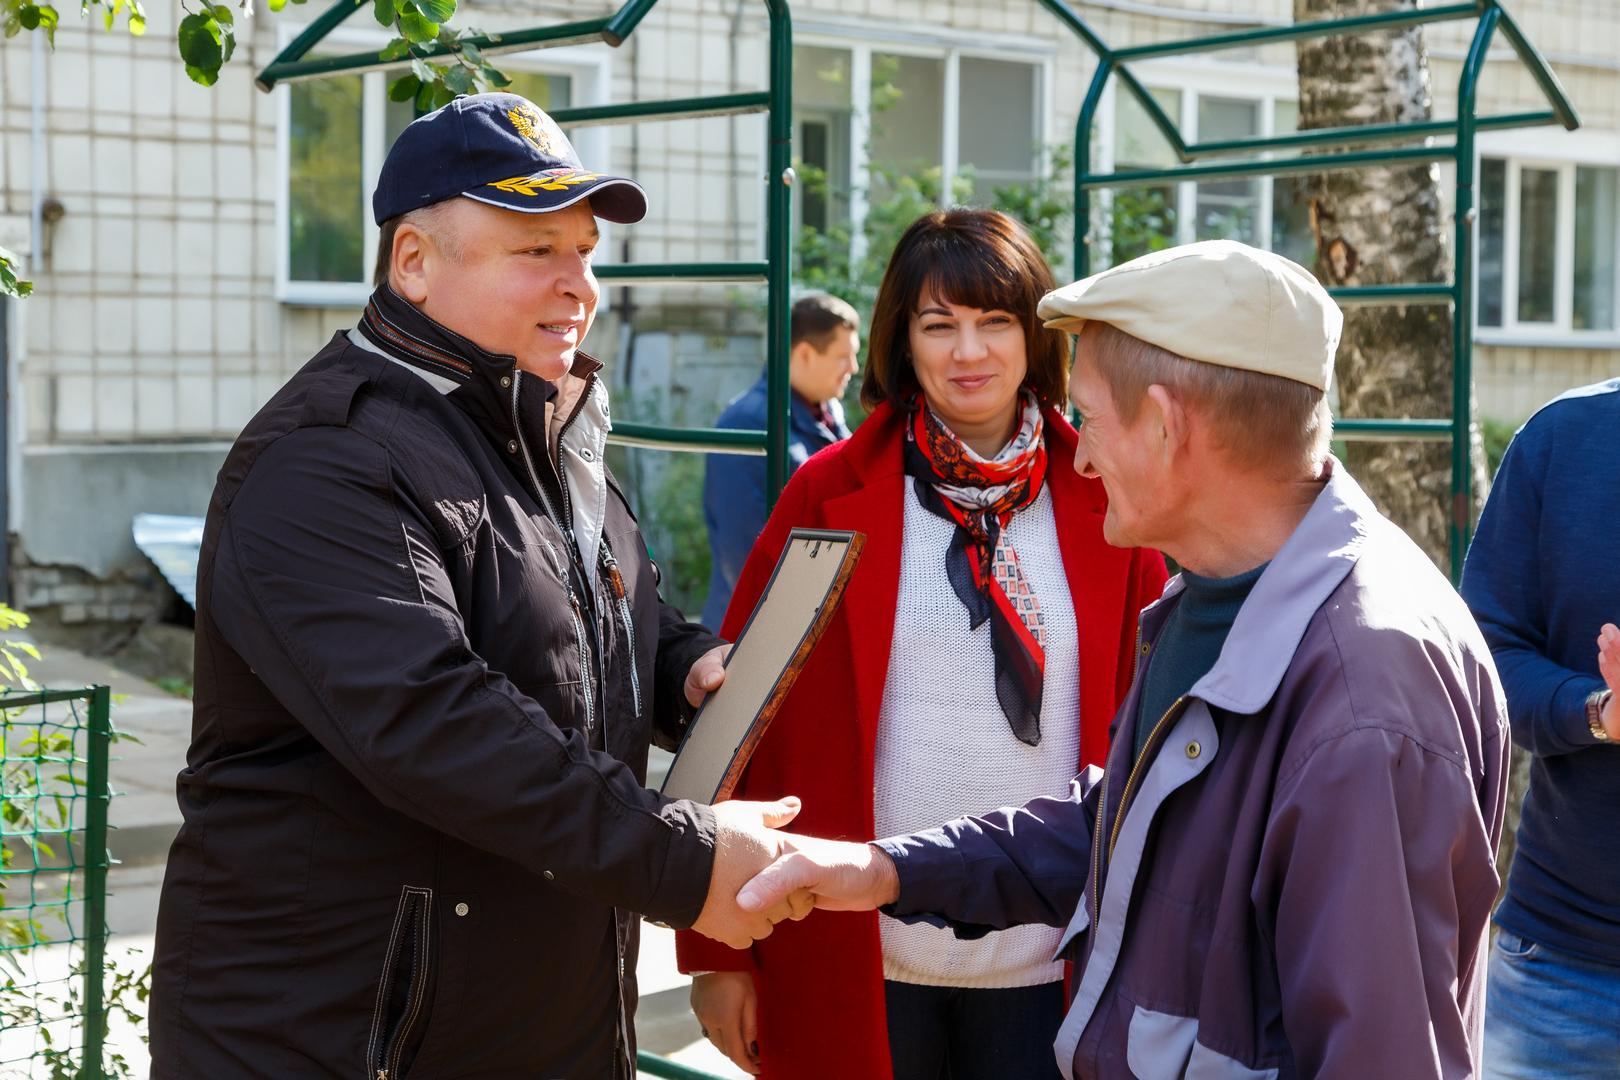 Олег Валенчук: Сады Памяти - наш ответ тем, кто стремится переписать историю